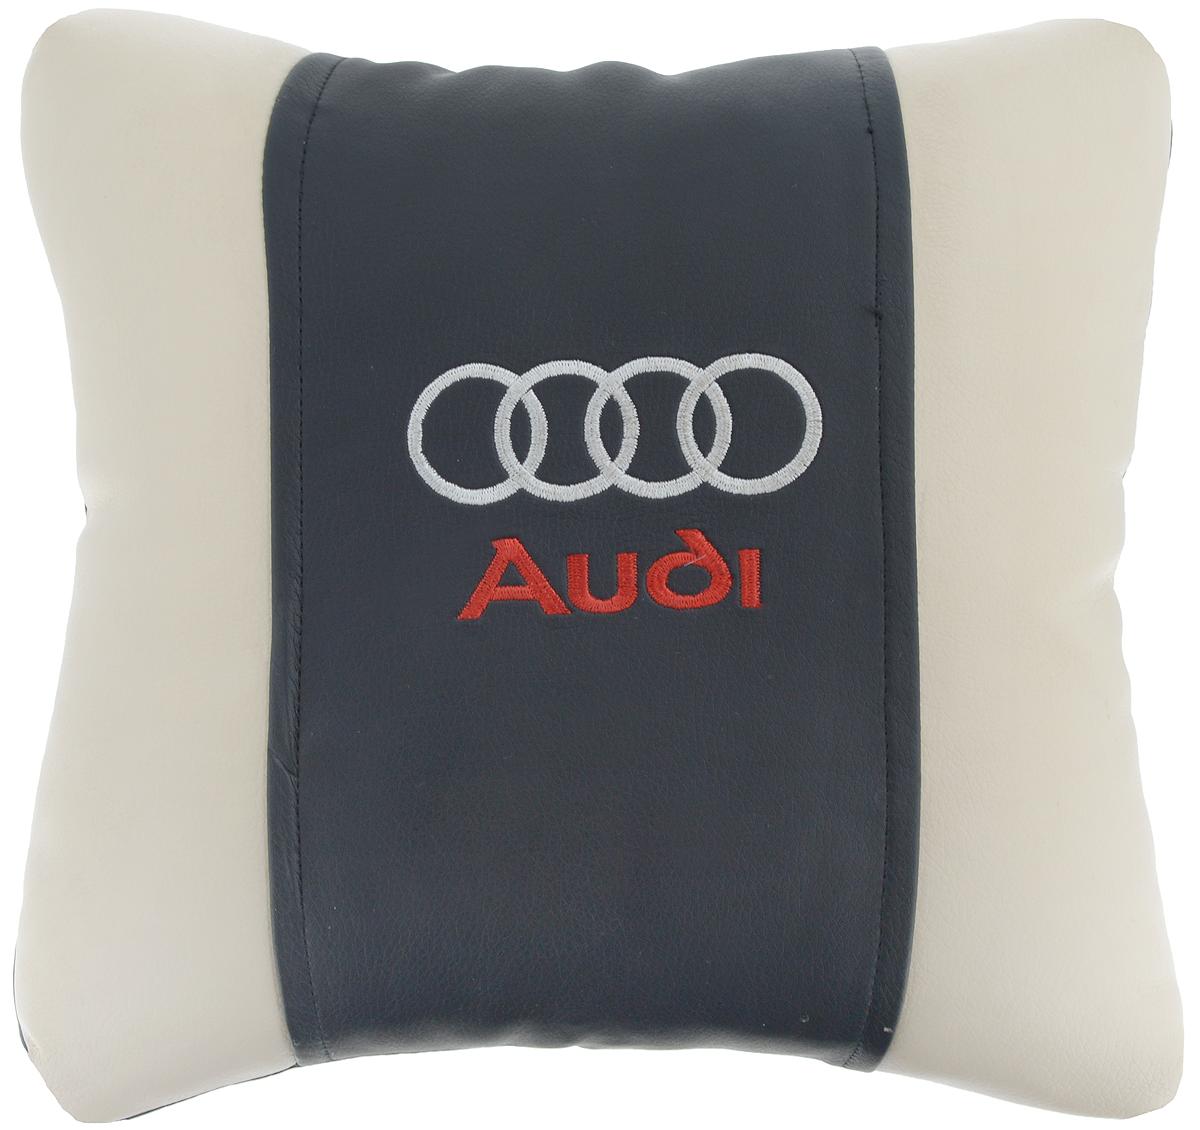 Подушка на сиденье Autoparts Audi, 30 х 30 смМ040Подушка на сиденье Autoparts Audi создана для тех, кто весь свой день вынужден проводить за рулем. Чехол выполнен из высококачественной дышащей экокожи. Наполнителем служит холлофайбер. На задней части подушки имеется змейка. Особенности подушки: - Хорошо проветривается. - Предупреждает потение. - Поддерживает комфортную температуру. - Обминается по форме тела. - Улучшает кровообращение. - Исключает затечные явления. - Предупреждает развитие заболеваний, связанных с сидячим образом жизни. Подушка также будет полезна и дома - при работе за компьютером, школьникам - при выполнении домашних работ, да и в любимом кресле перед телевизором.